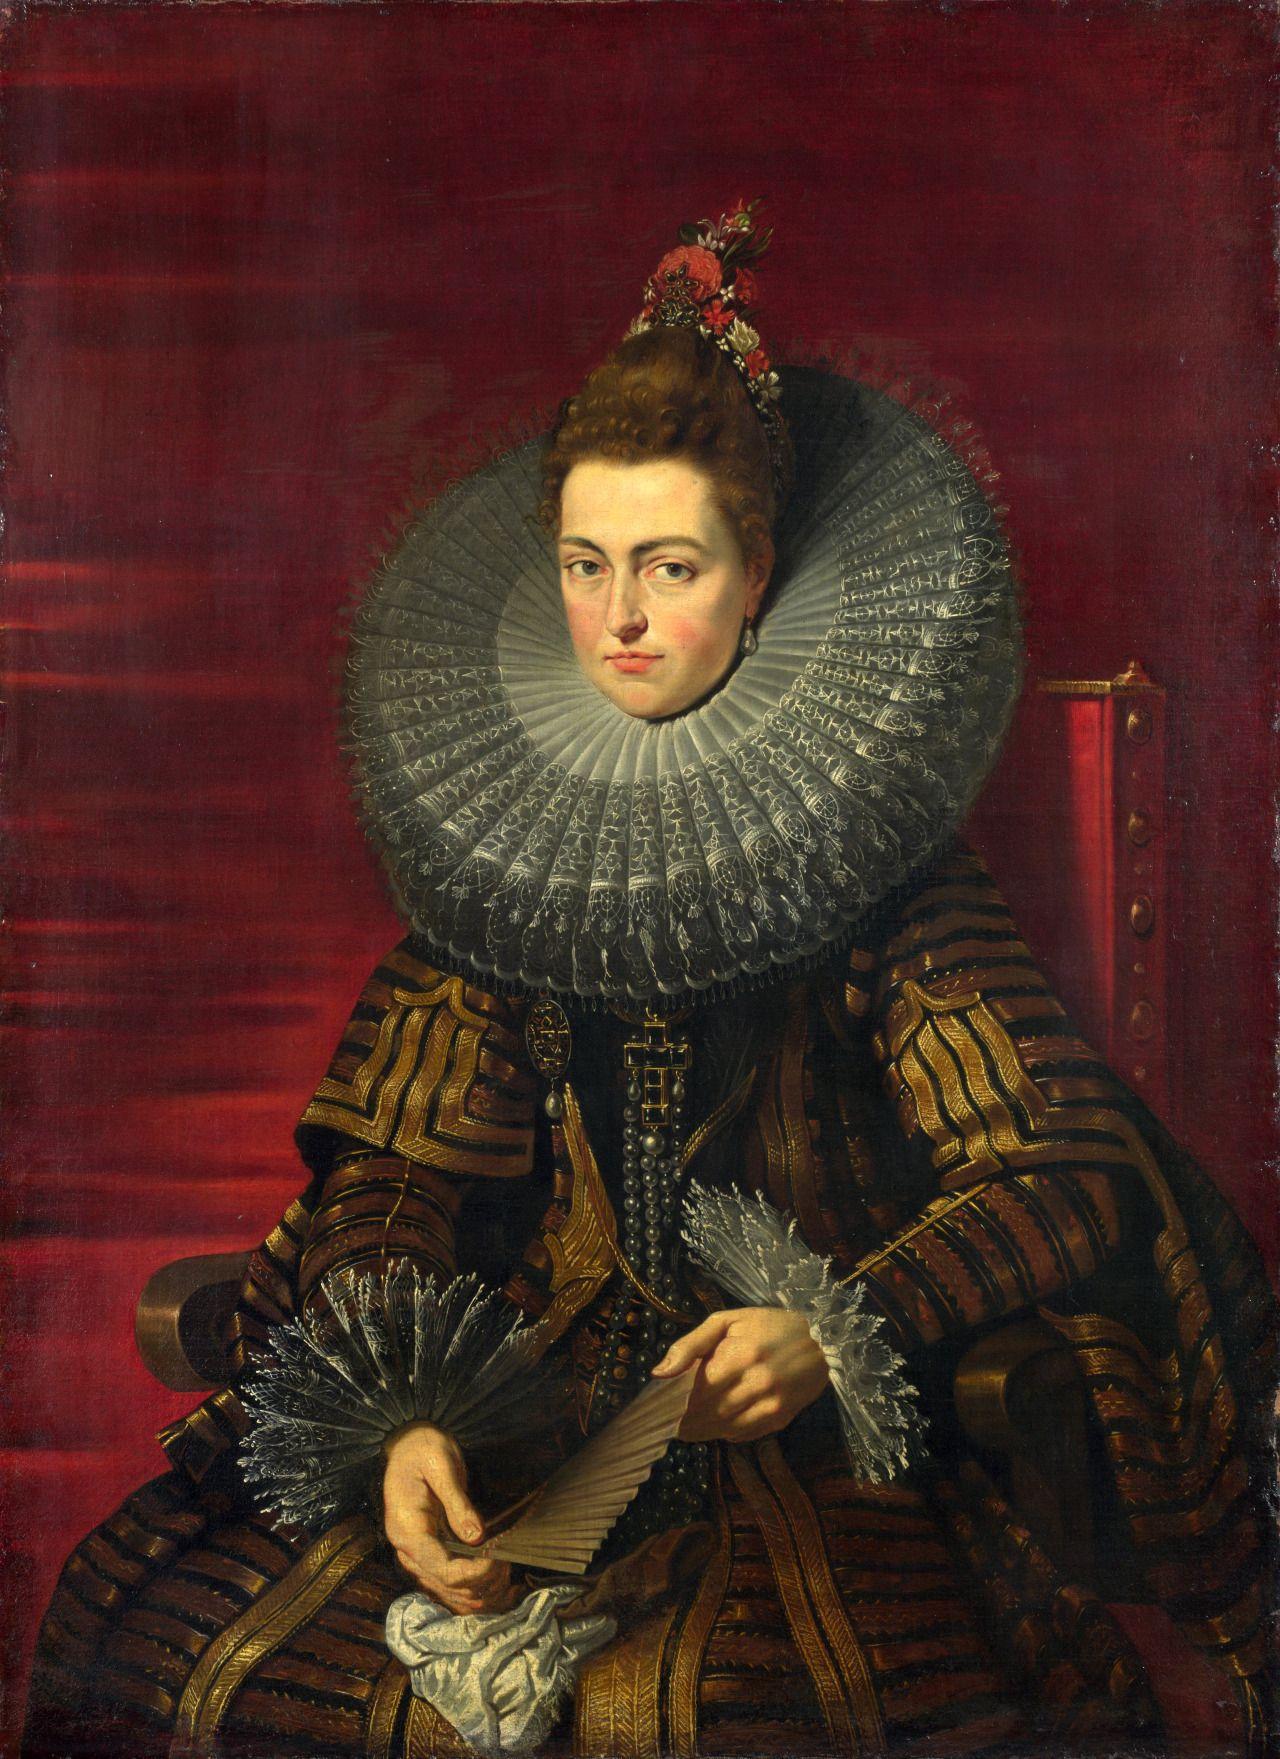 Retrato de la Infanta Isabel Clara Eugenia de España